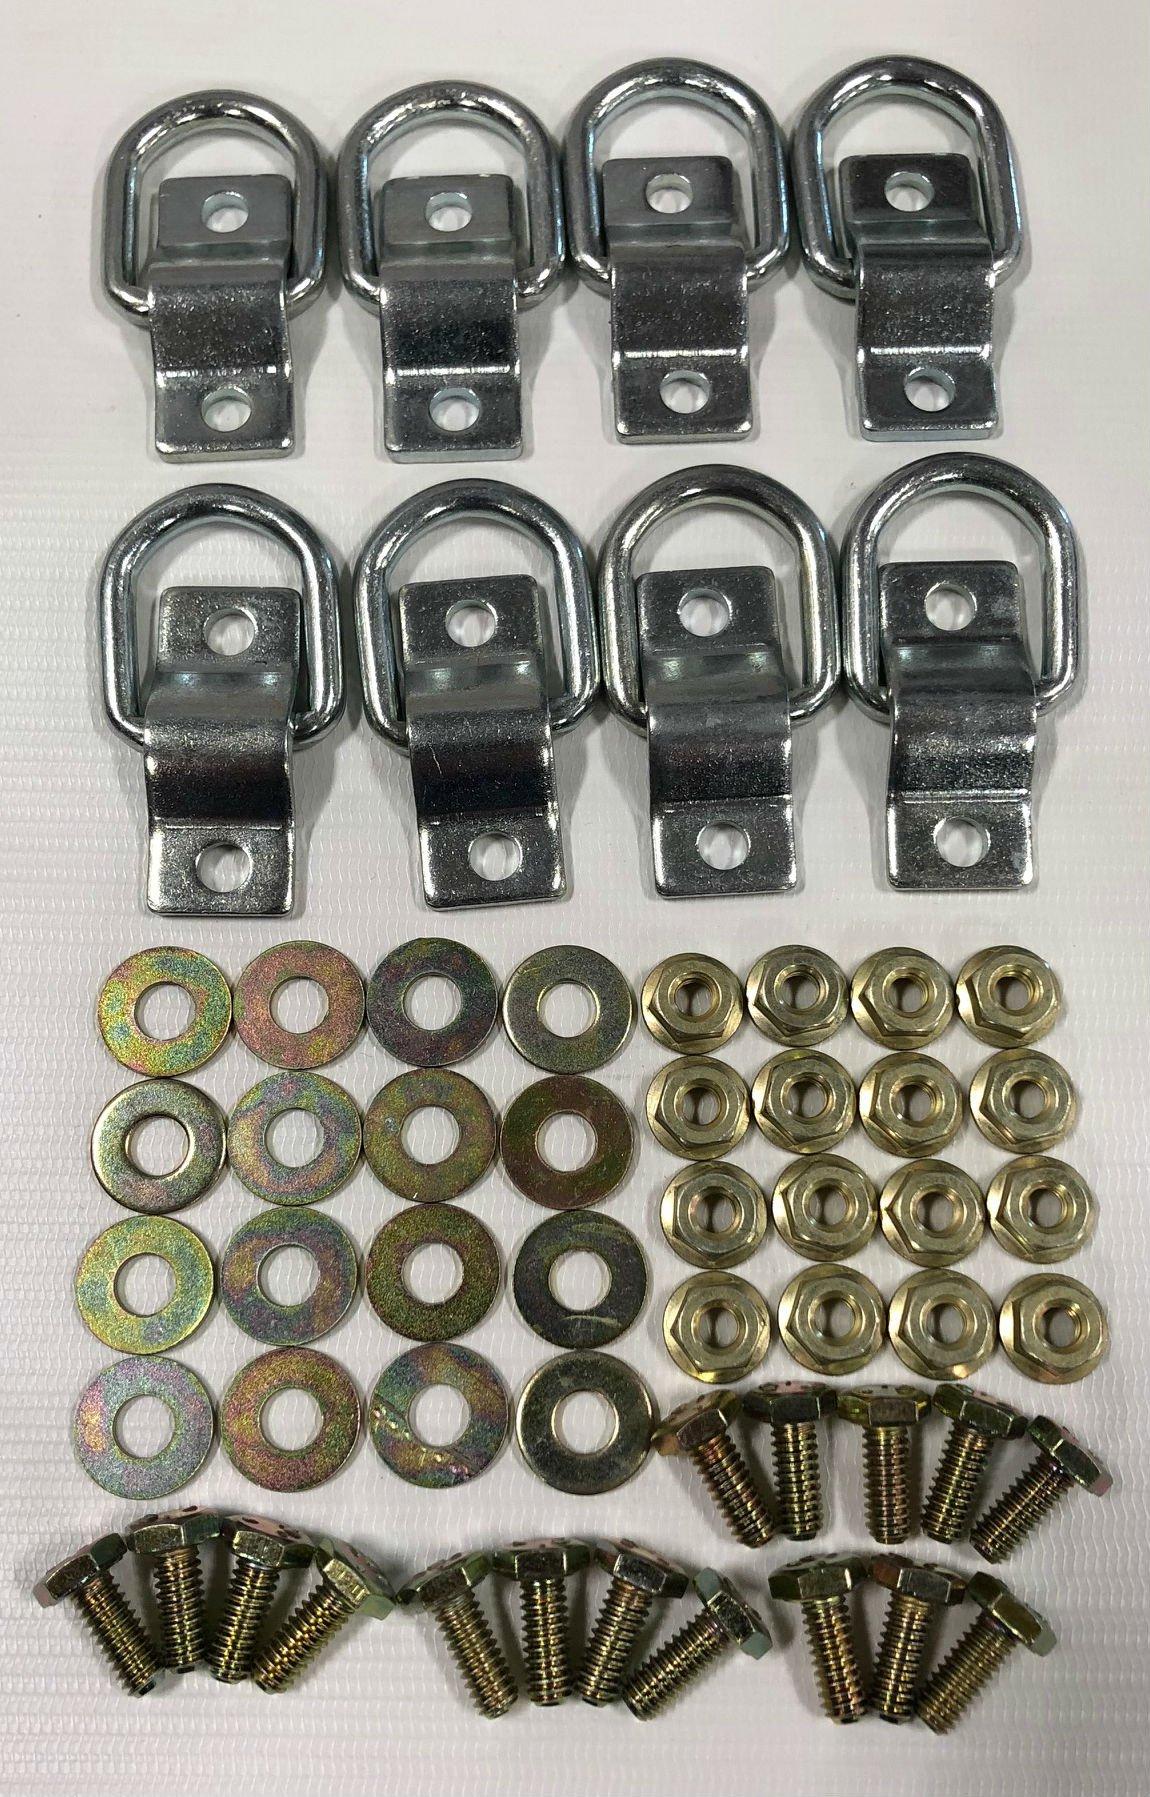 Triton 10809 Combo Companion Kit - Includes 8 Tie Downs